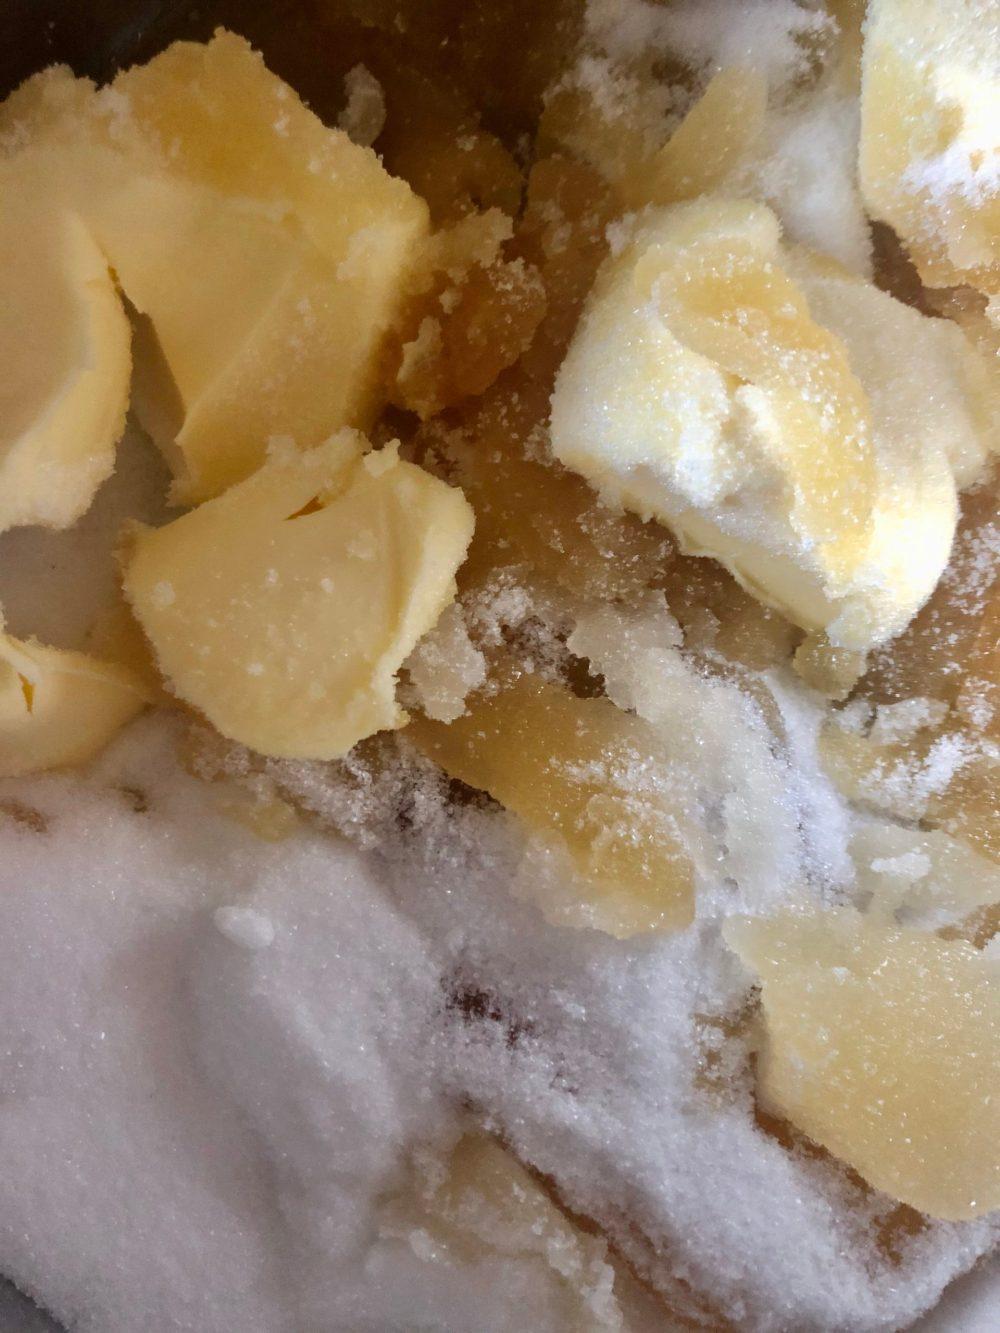 Teil eines Plätzchen Teiges aus Butter, Zucker und Honig